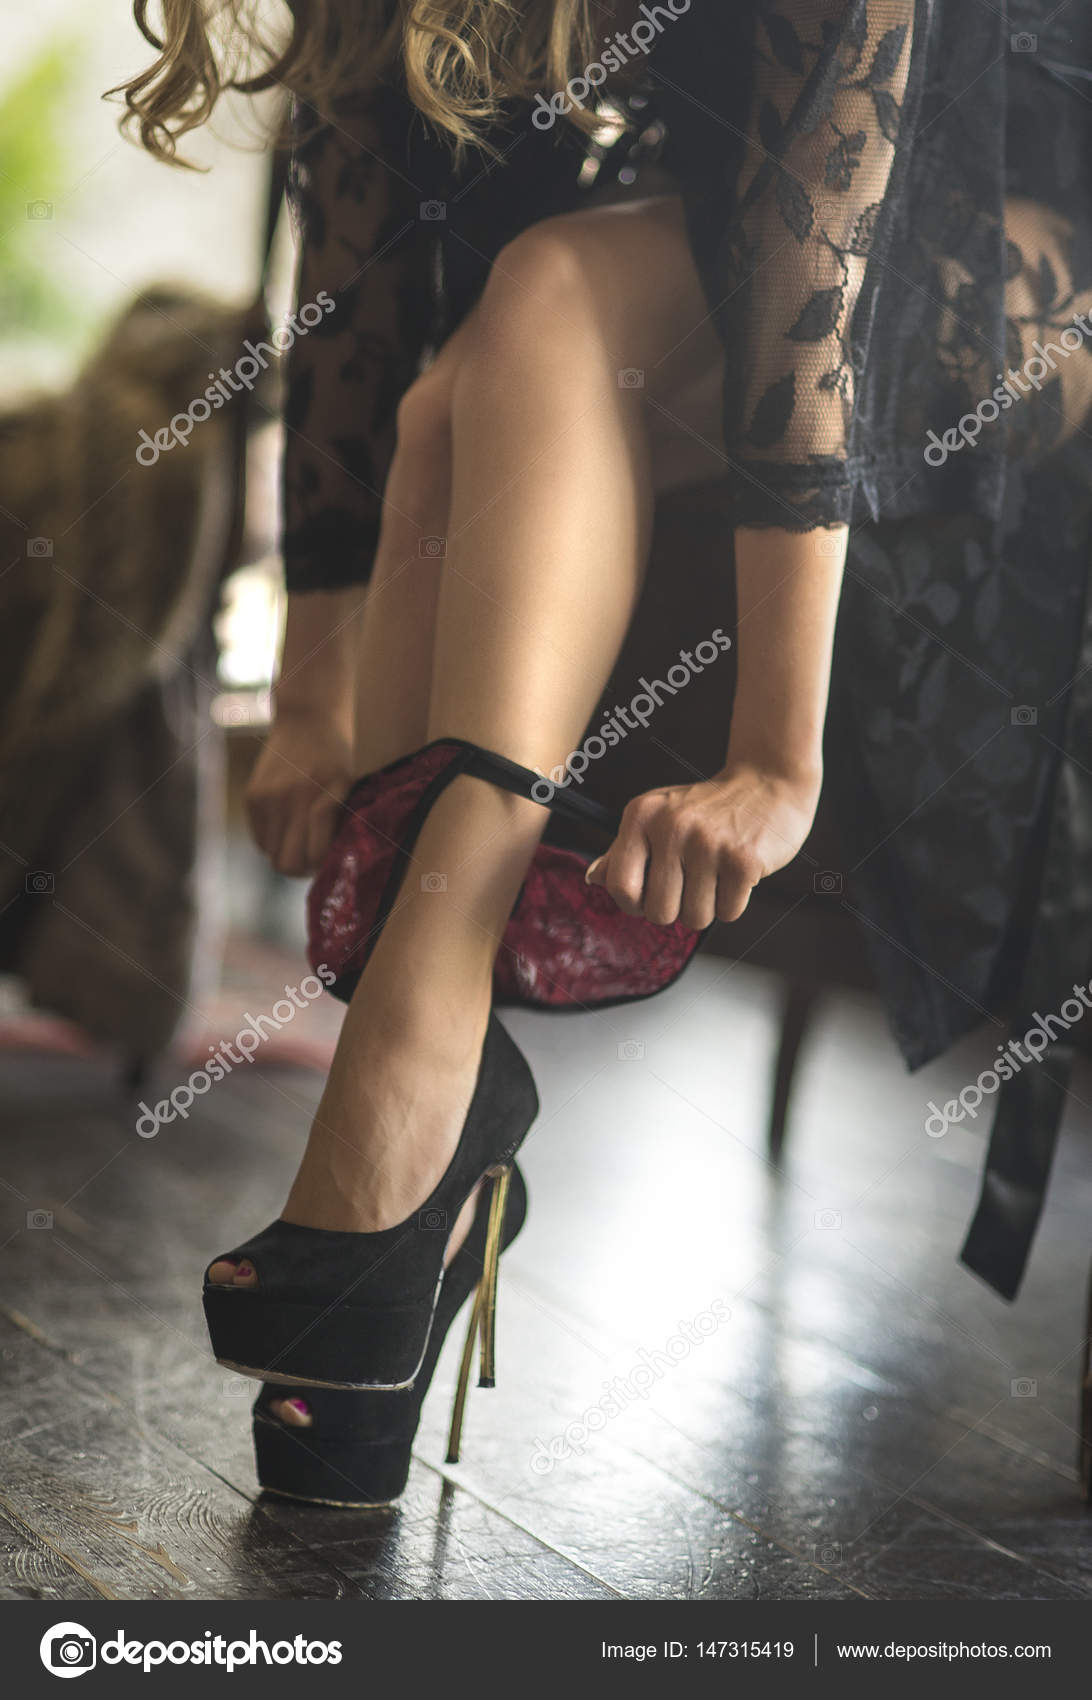 Sexy Legs Panties Heels